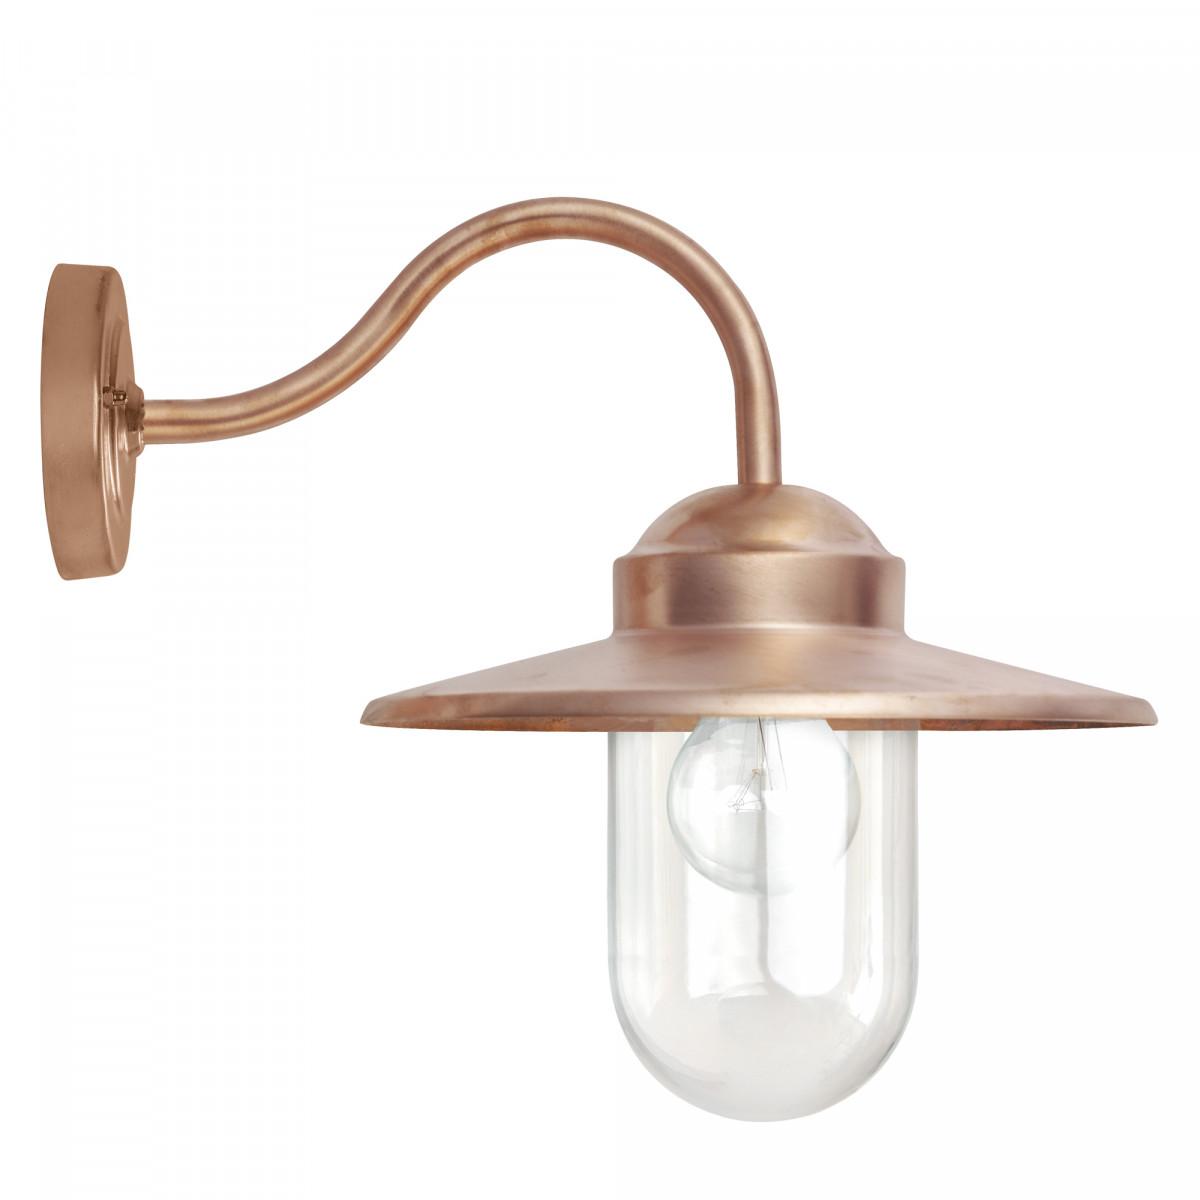 muurlamp Dolce koper, buitenlamp type stallamp met glazen stolp, koperen buitenverlichting van KS Verlichting